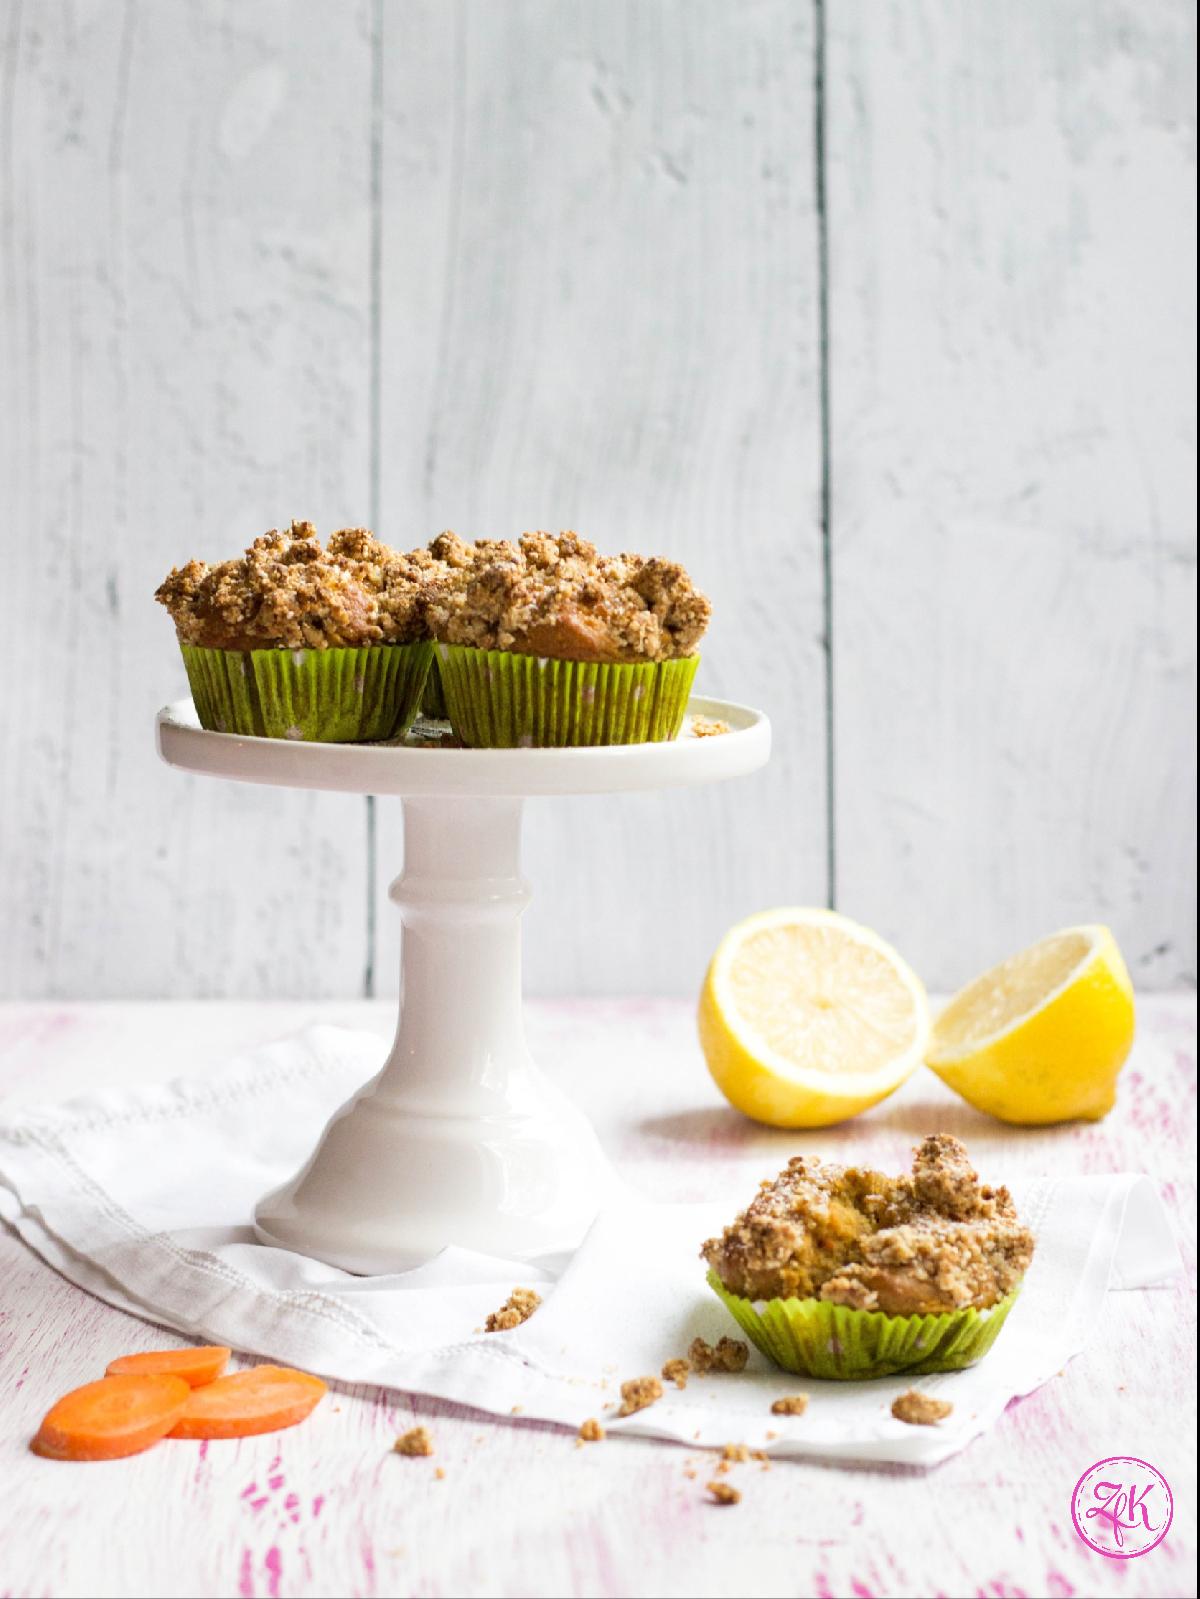 Muffins - randvoll mit guten Zutaten